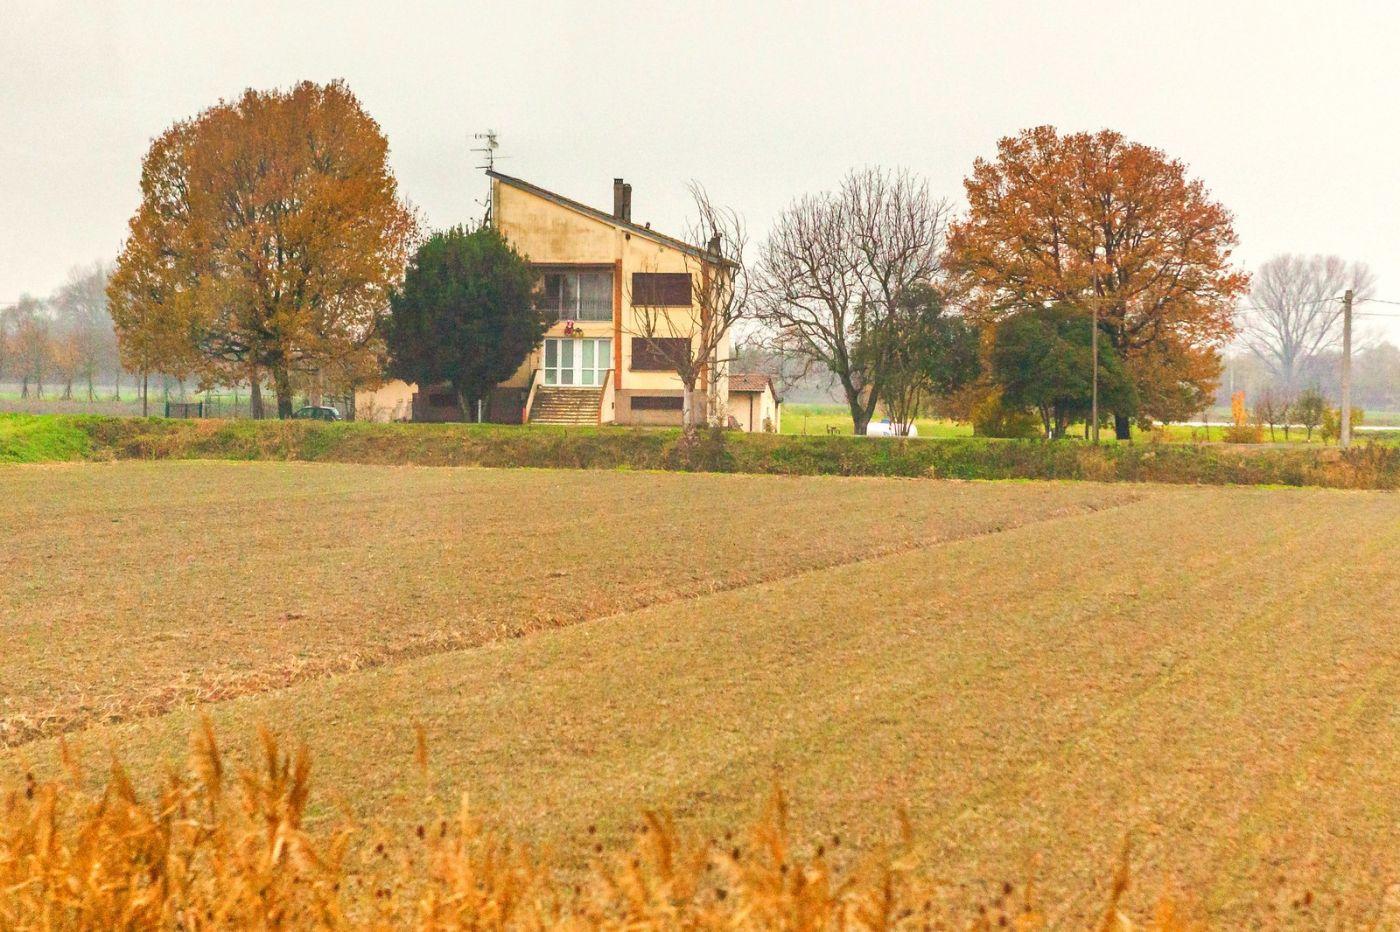 意大利路途,秋后的农村_图1-22